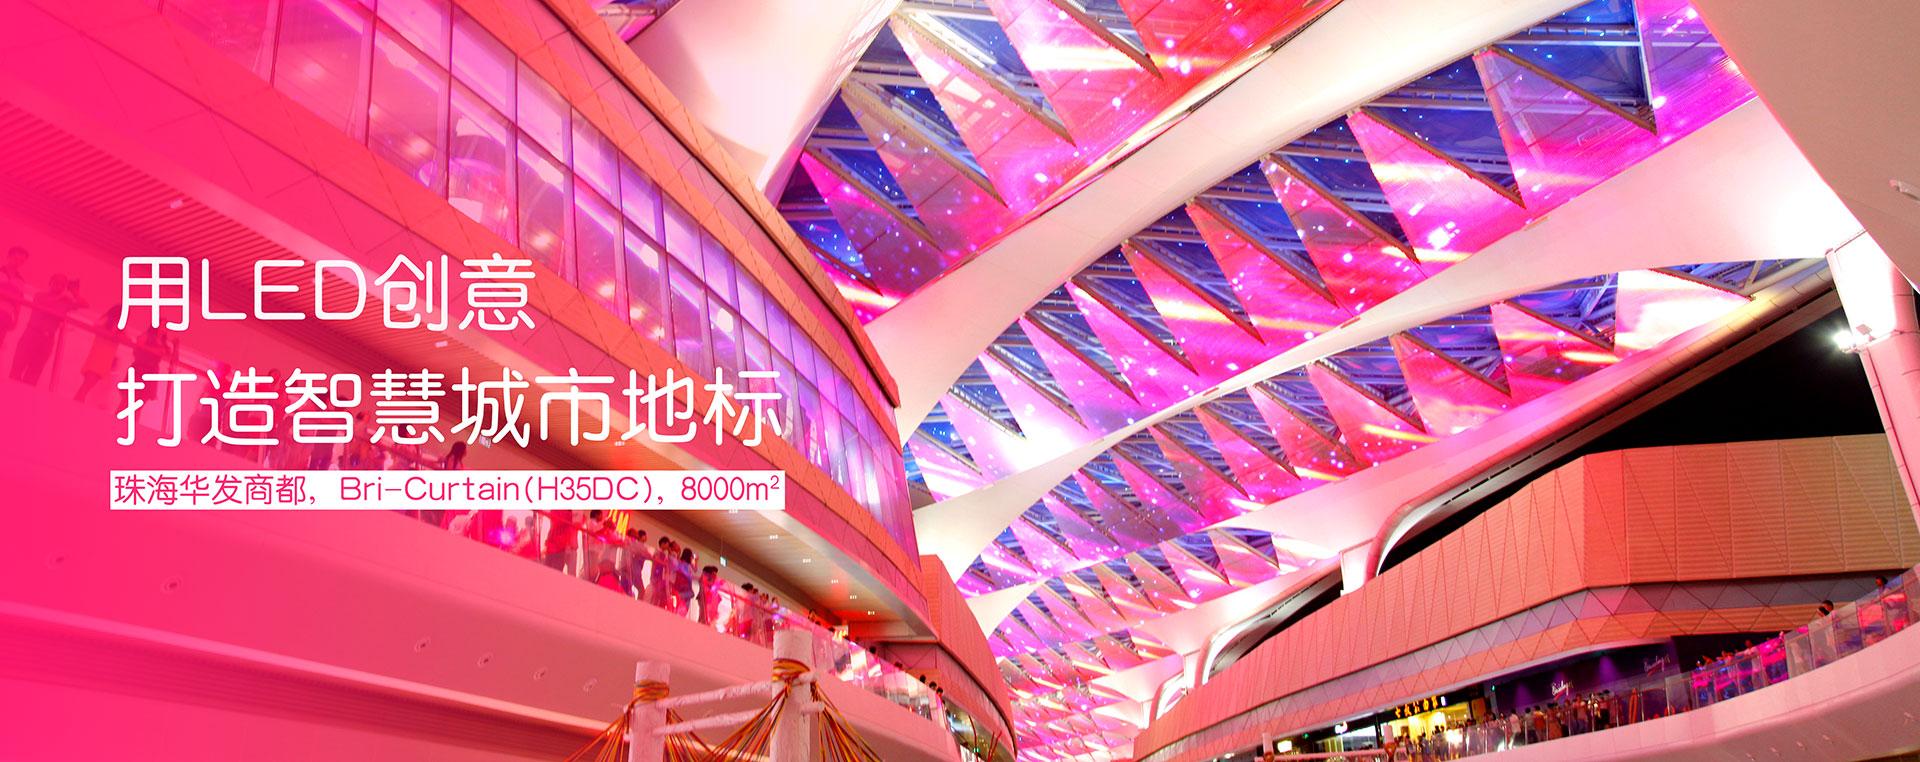 用(yong)LED創意(yi)打造智慧城市地標(biao)